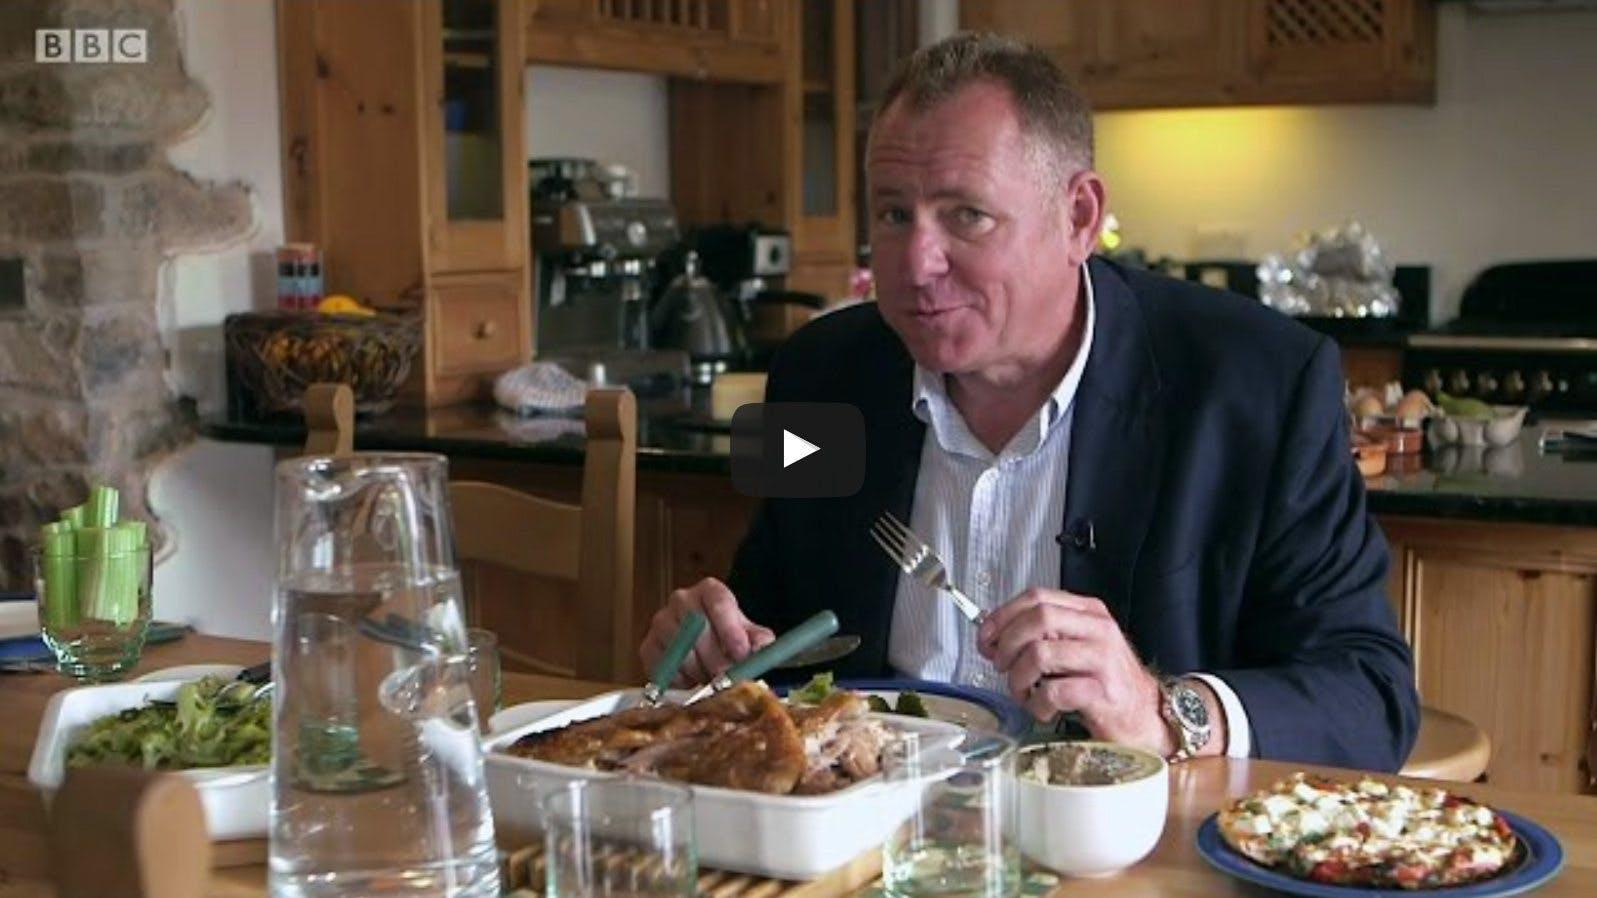 Fat v Carbs on BBC